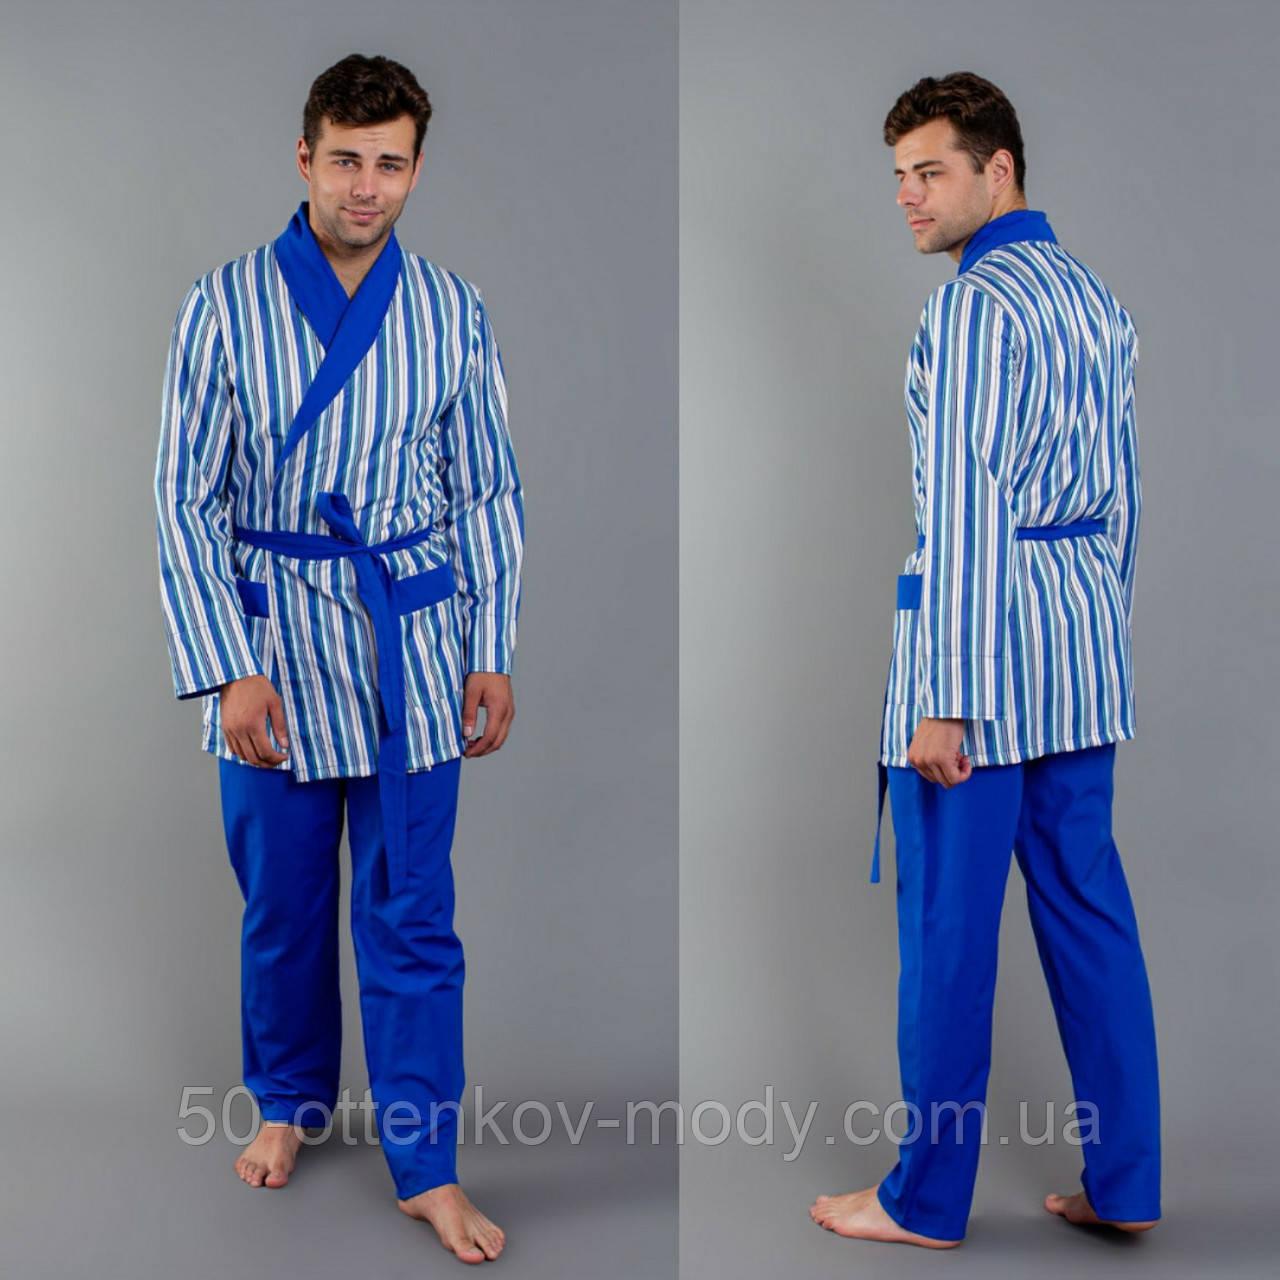 Мужская пижама сатиновая